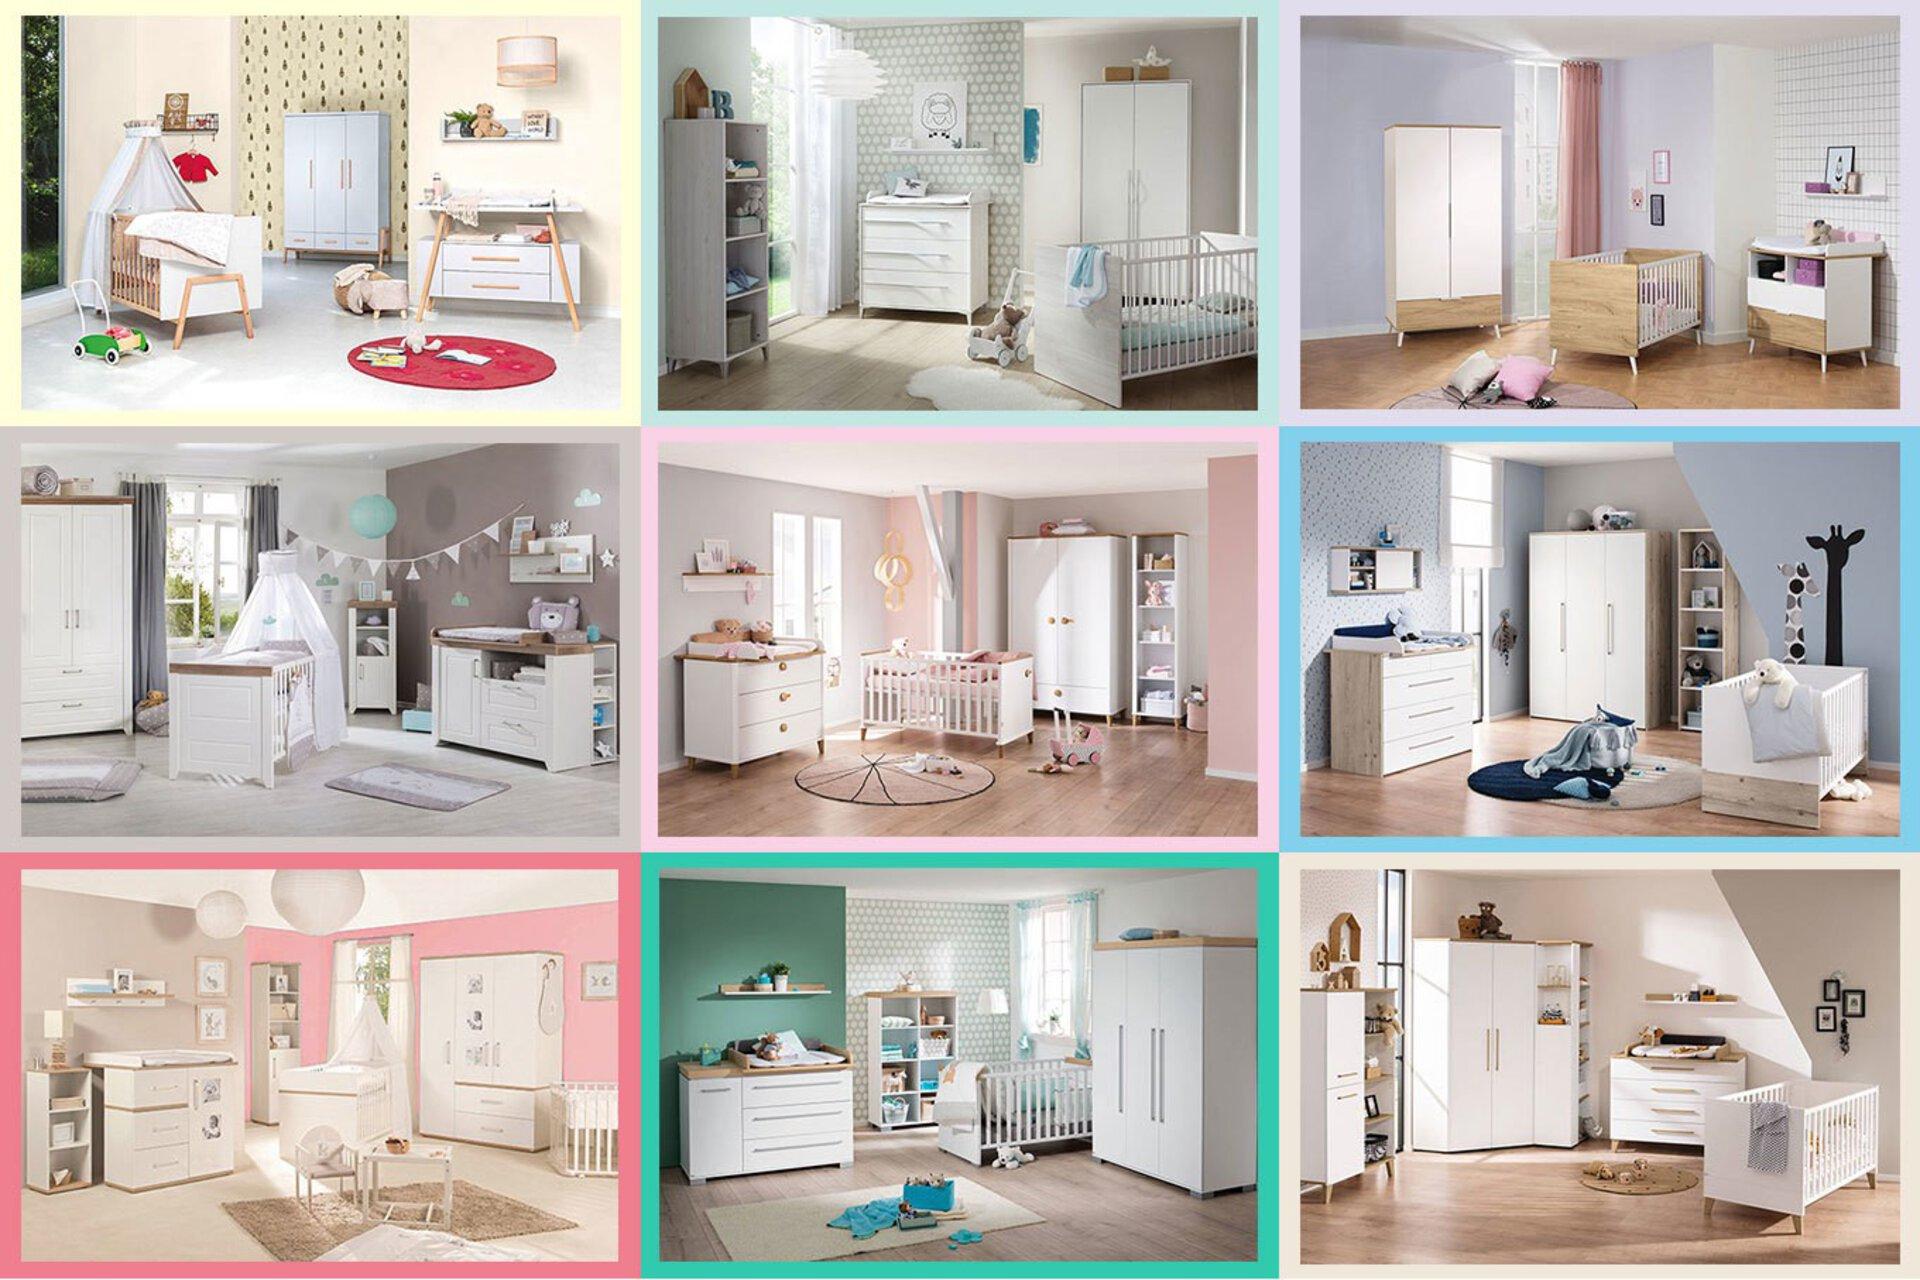 Neun komplette Babyzimmer in verschiedenen , hellen Pastellfarben.